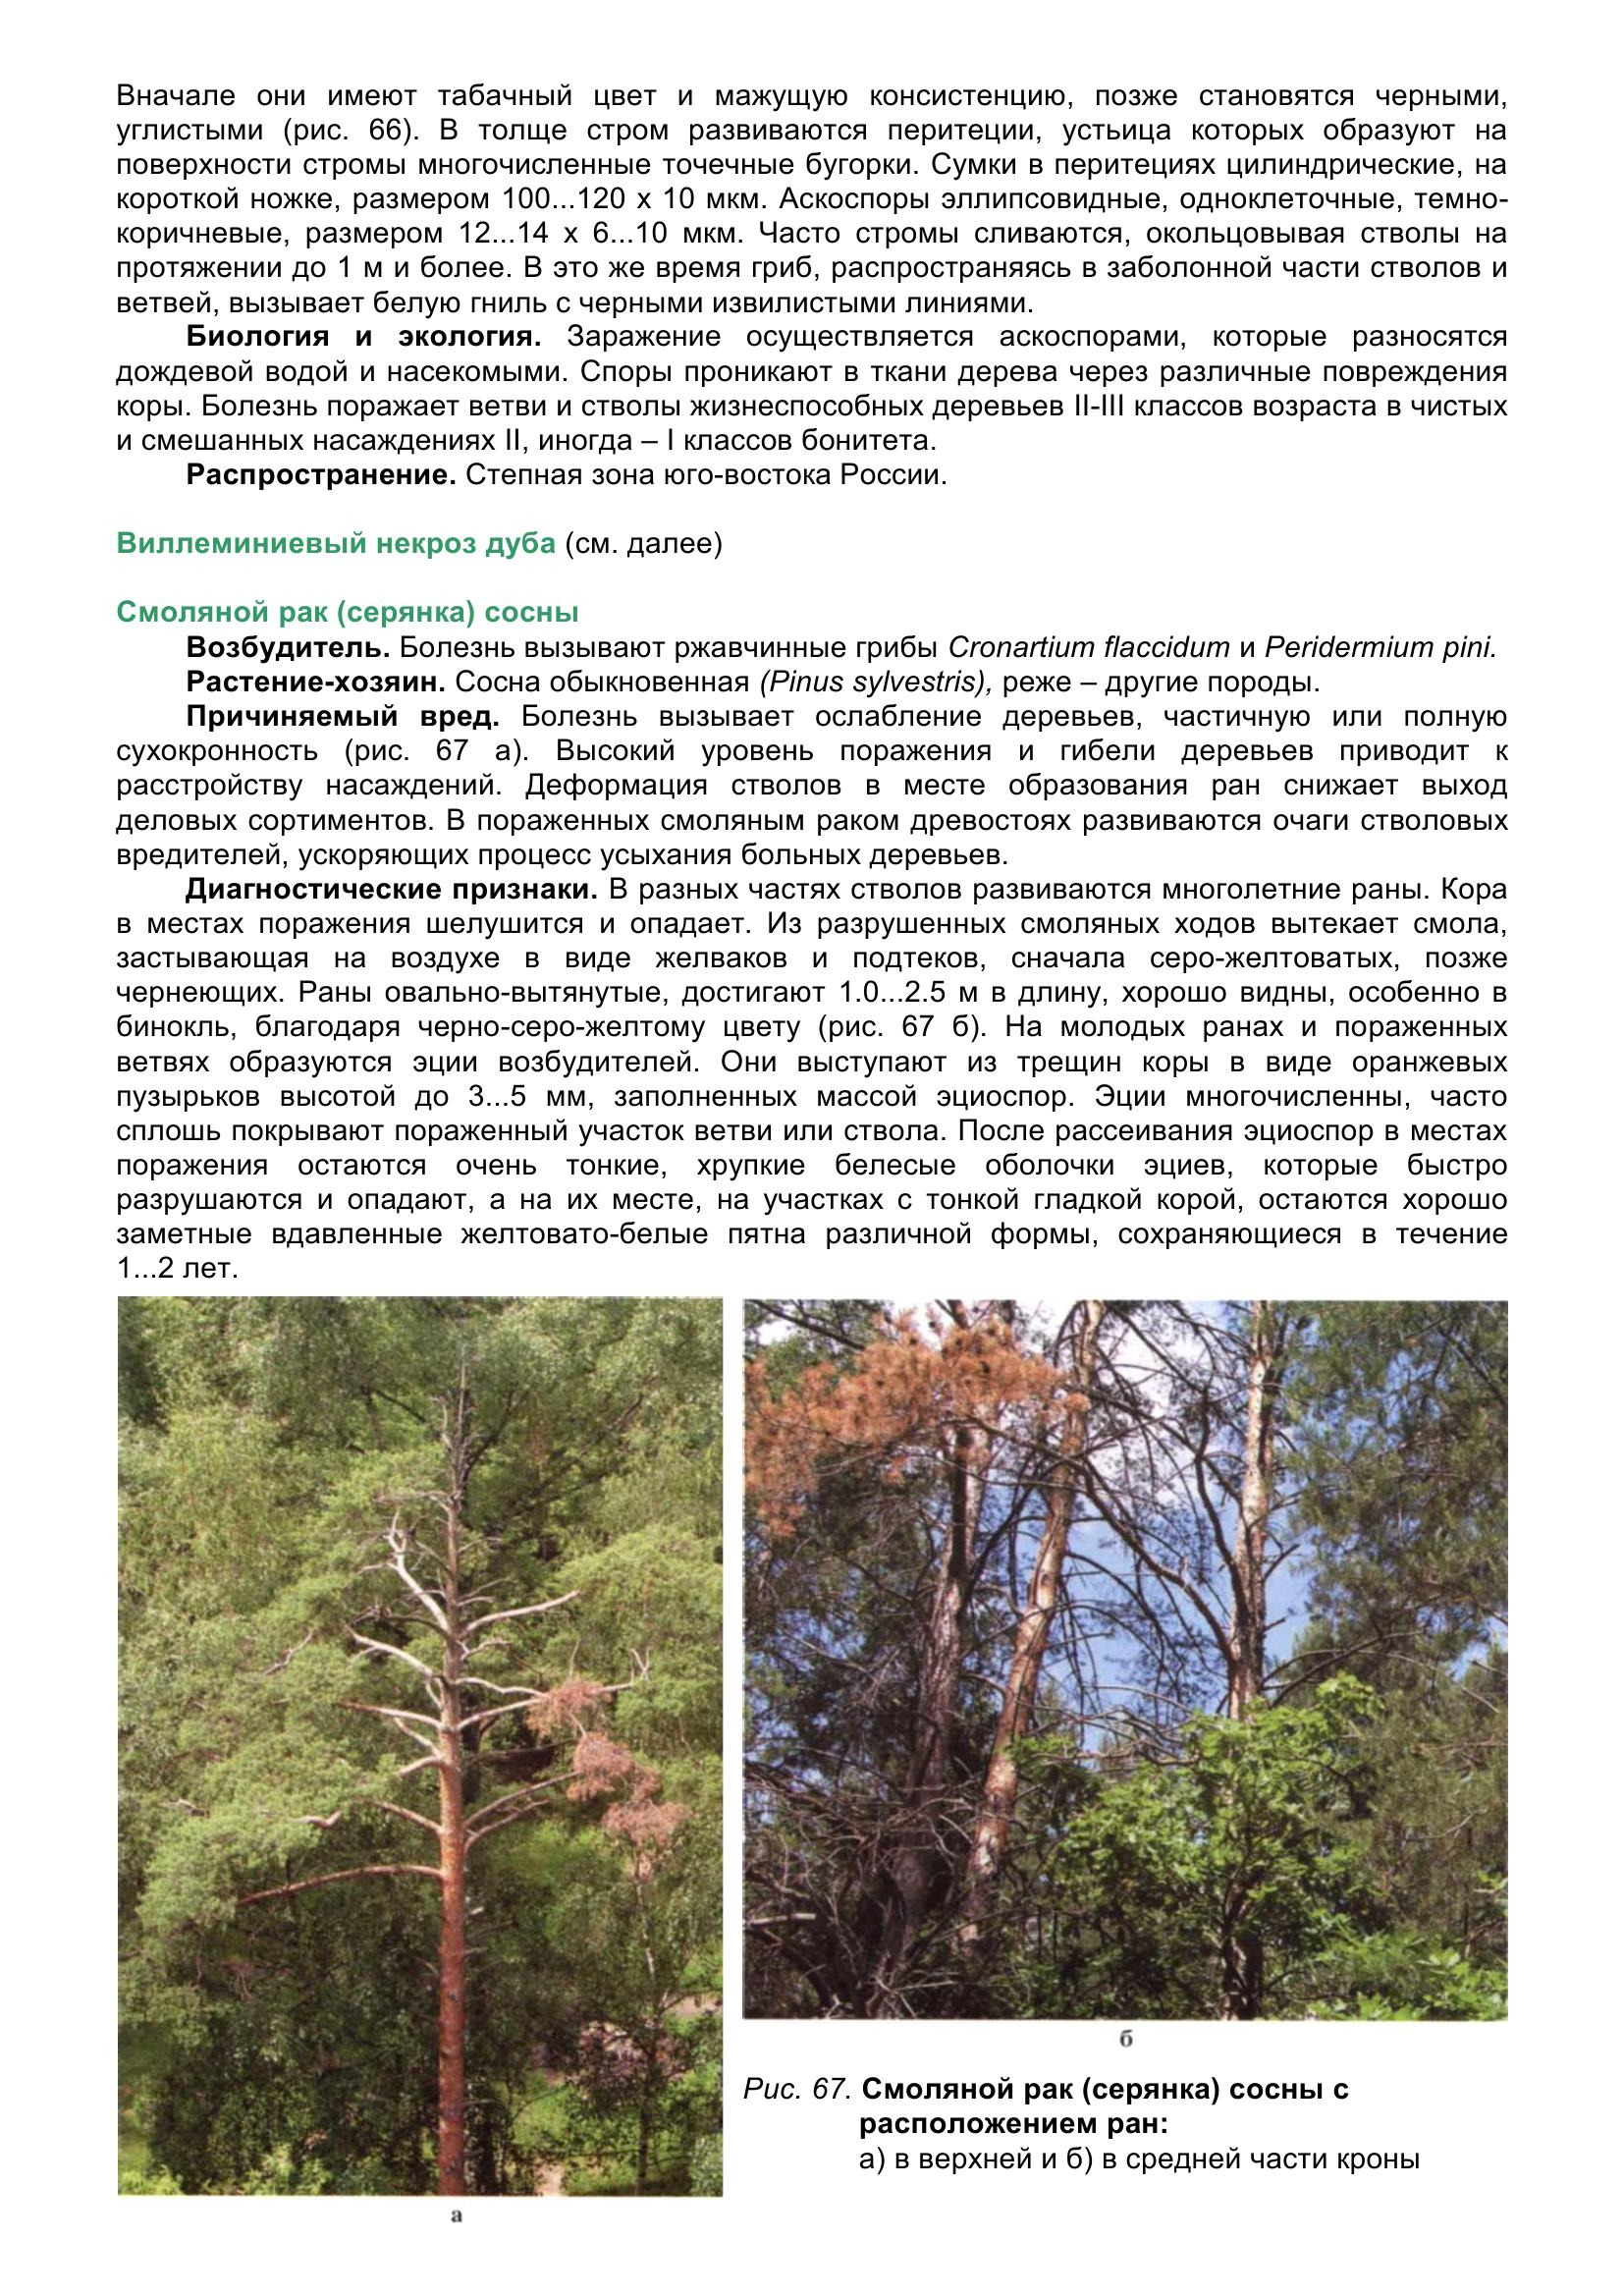 Болезни_древесных_растений_077.jpg